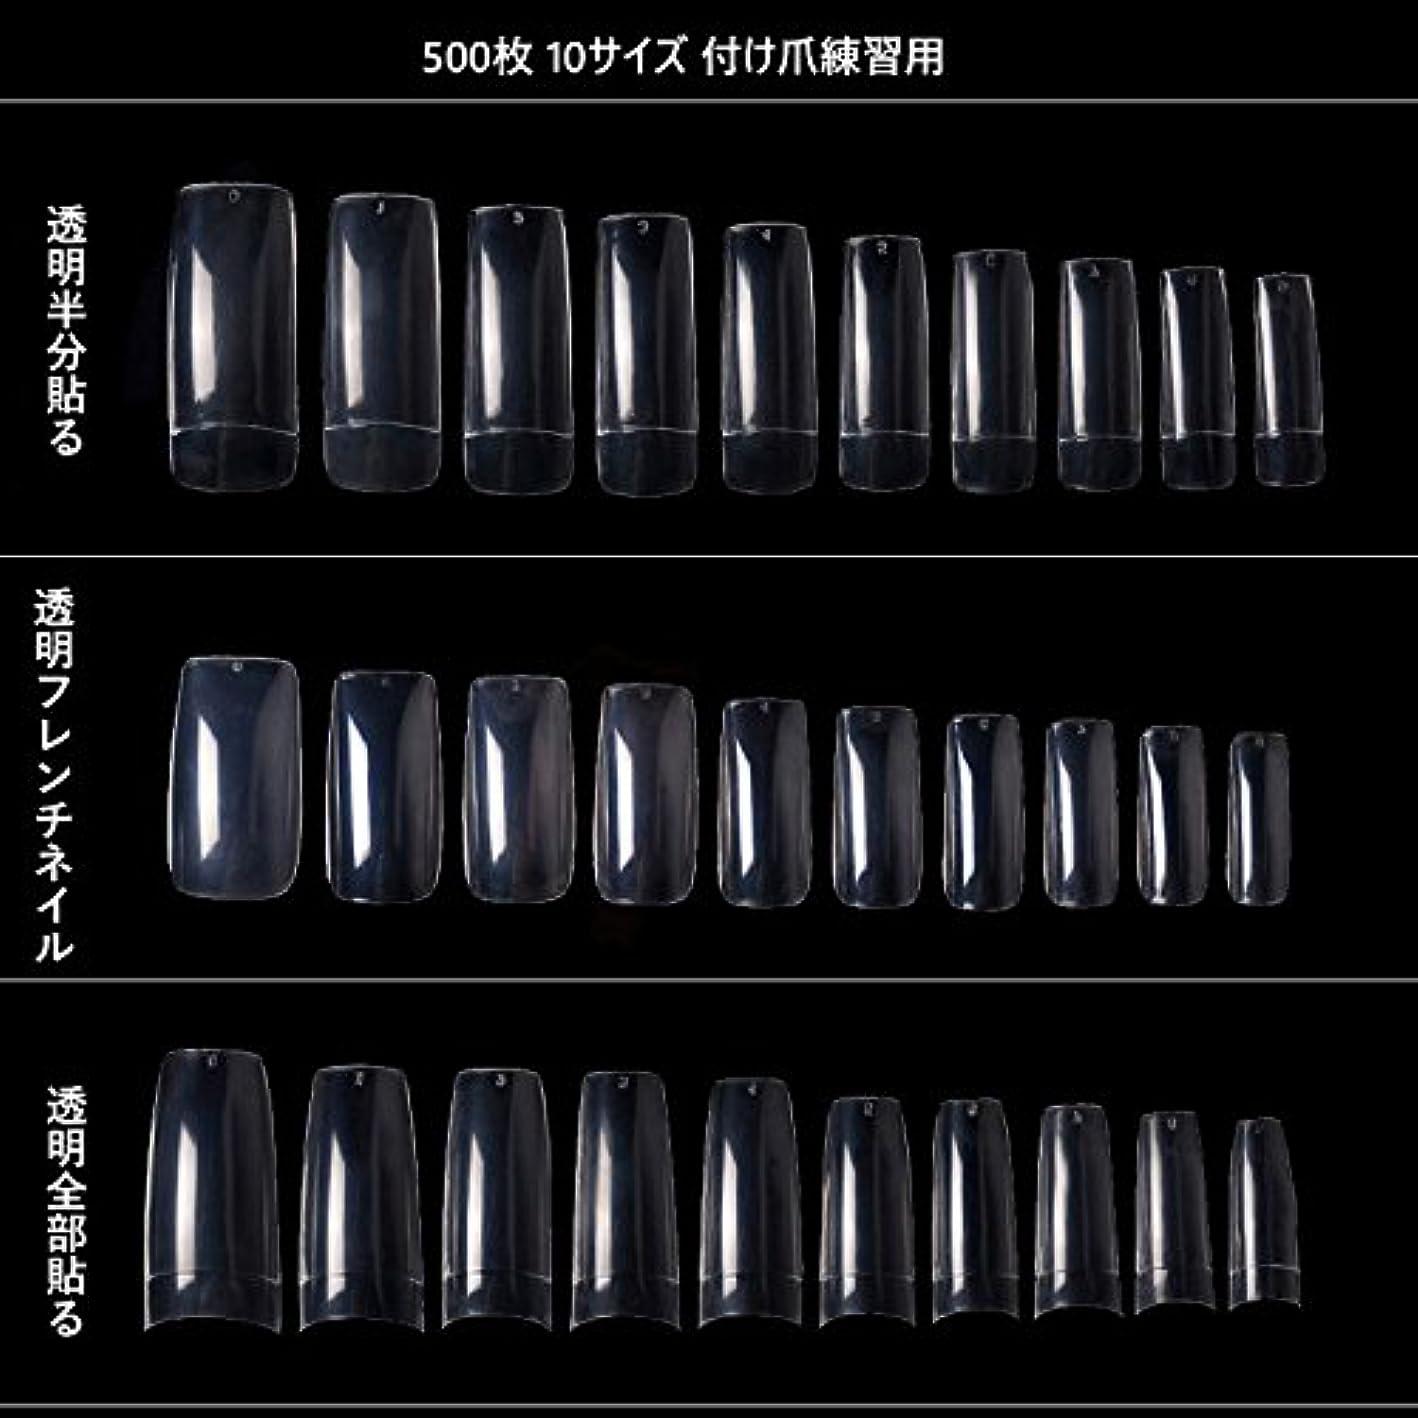 水銀の乳製品マウスピース500枚 10サイズ 付け爪練習用 つけ爪 無地 ロング オーバル ネイルチップ クリア ネイルチップ ロング 付け爪 練習用 透明 (透明全部貼る)